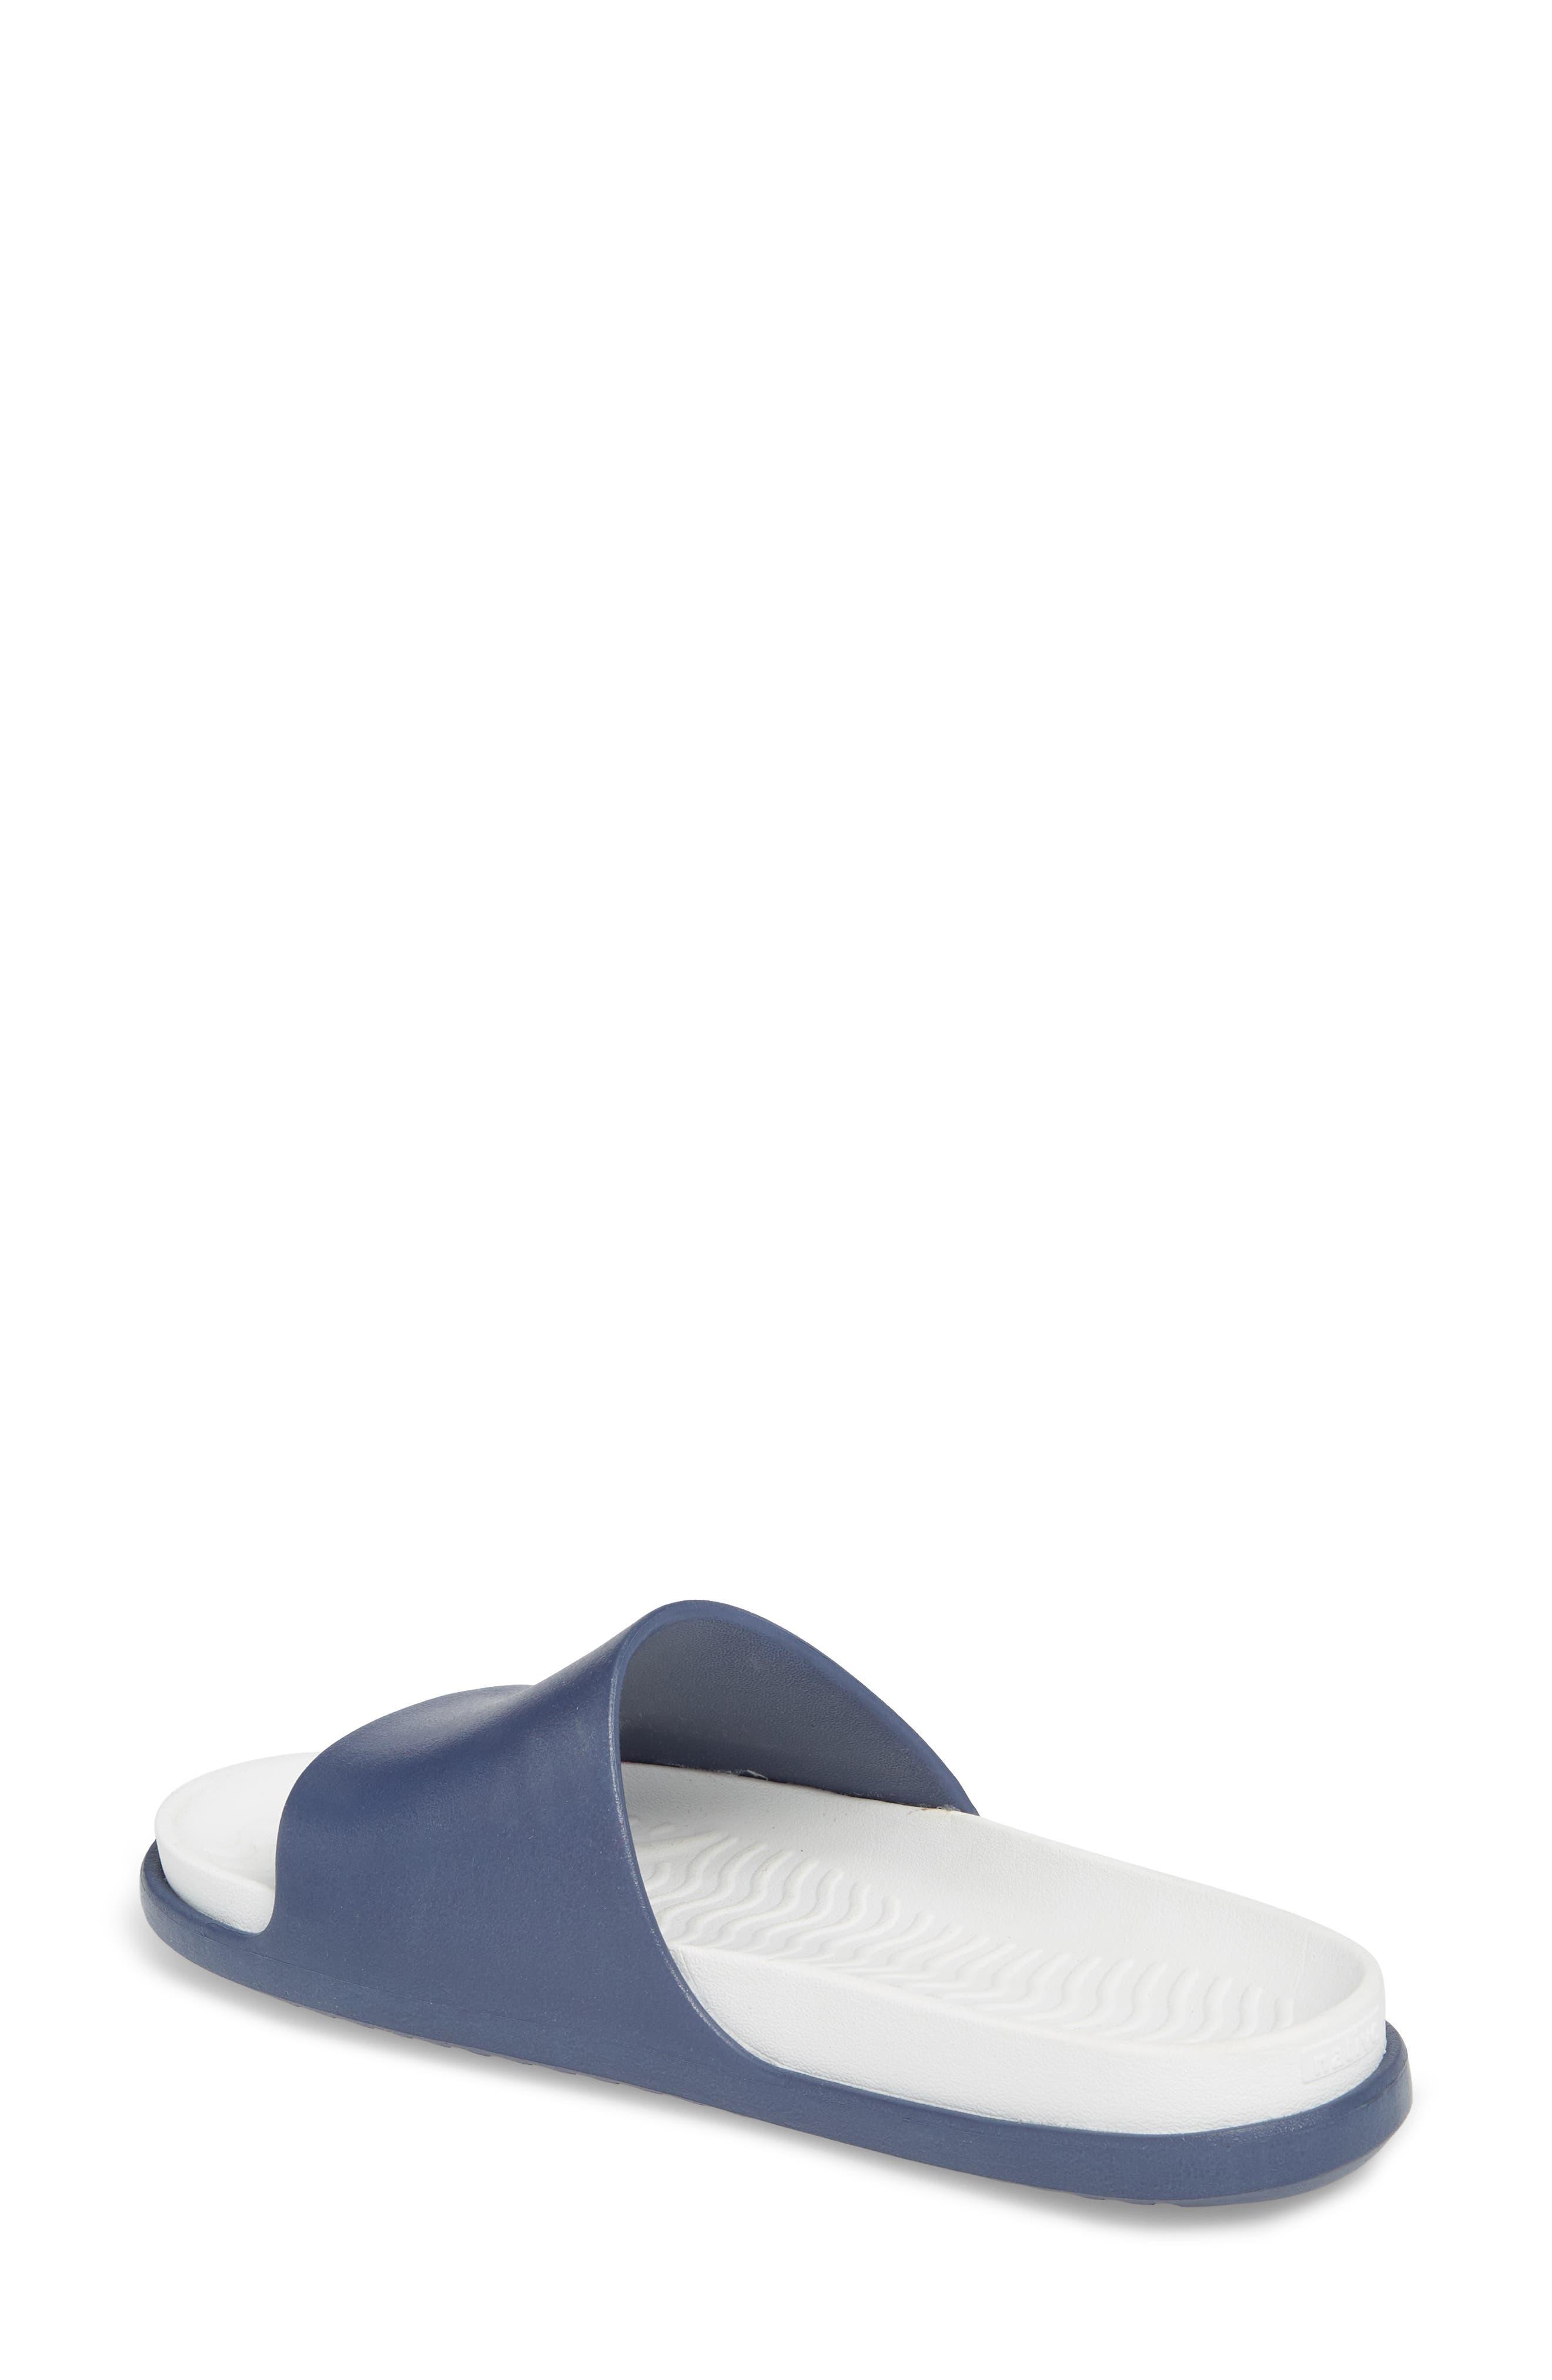 Spencer LX Sport Slide,                             Alternate thumbnail 2, color,                             Regatta Blue/ Shell White